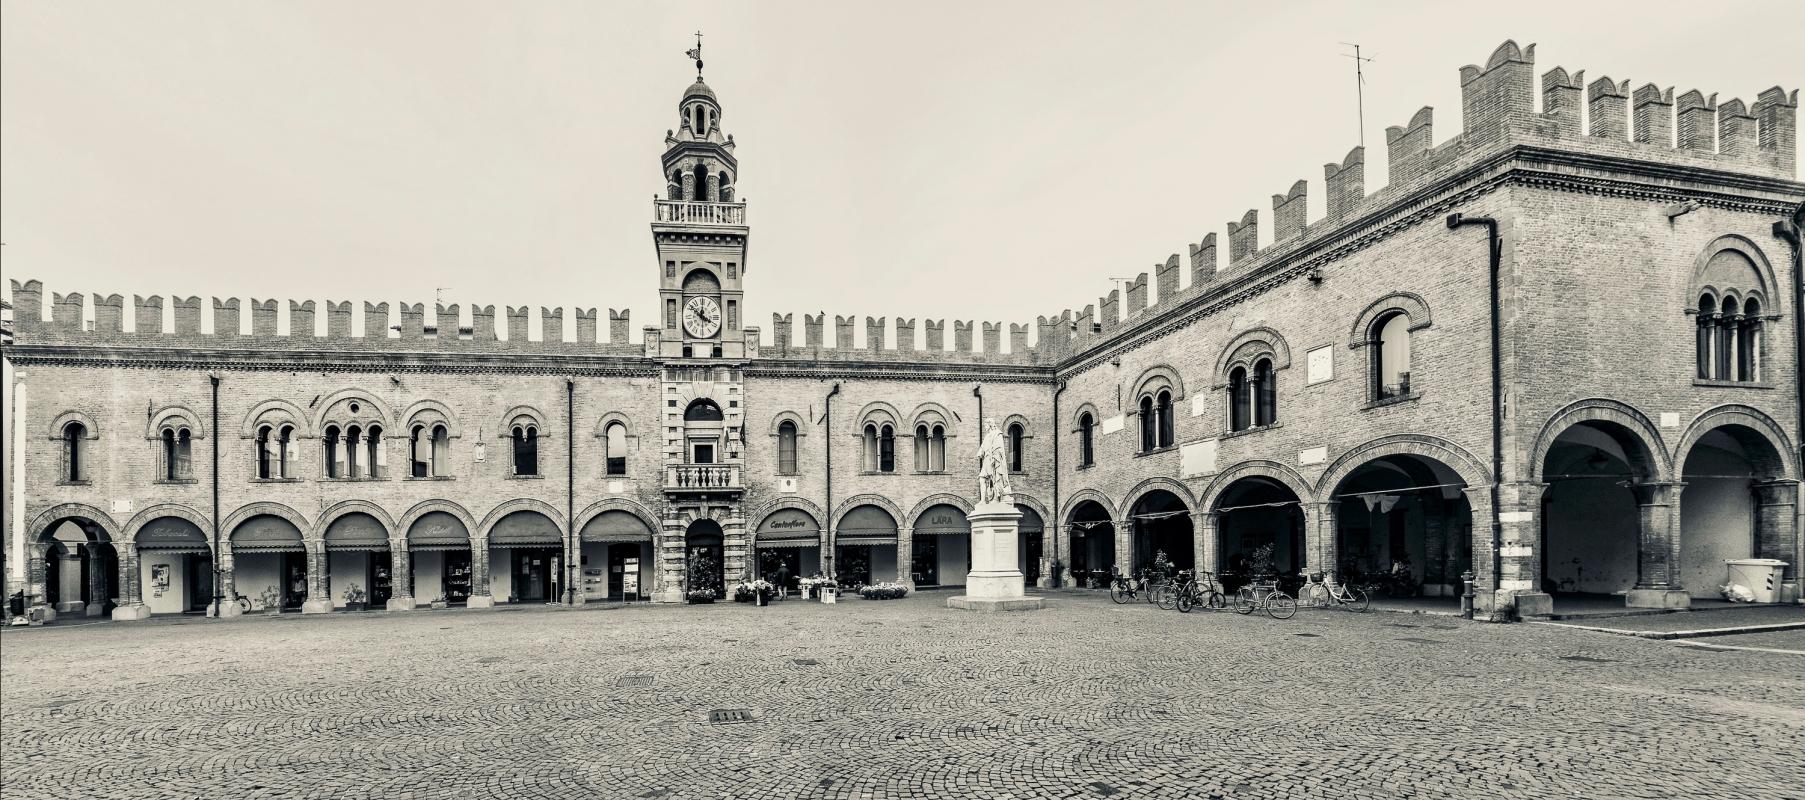 Palazzo del Governatore - Piazza di Cento - Vanni Lazzari - Cento (FE)